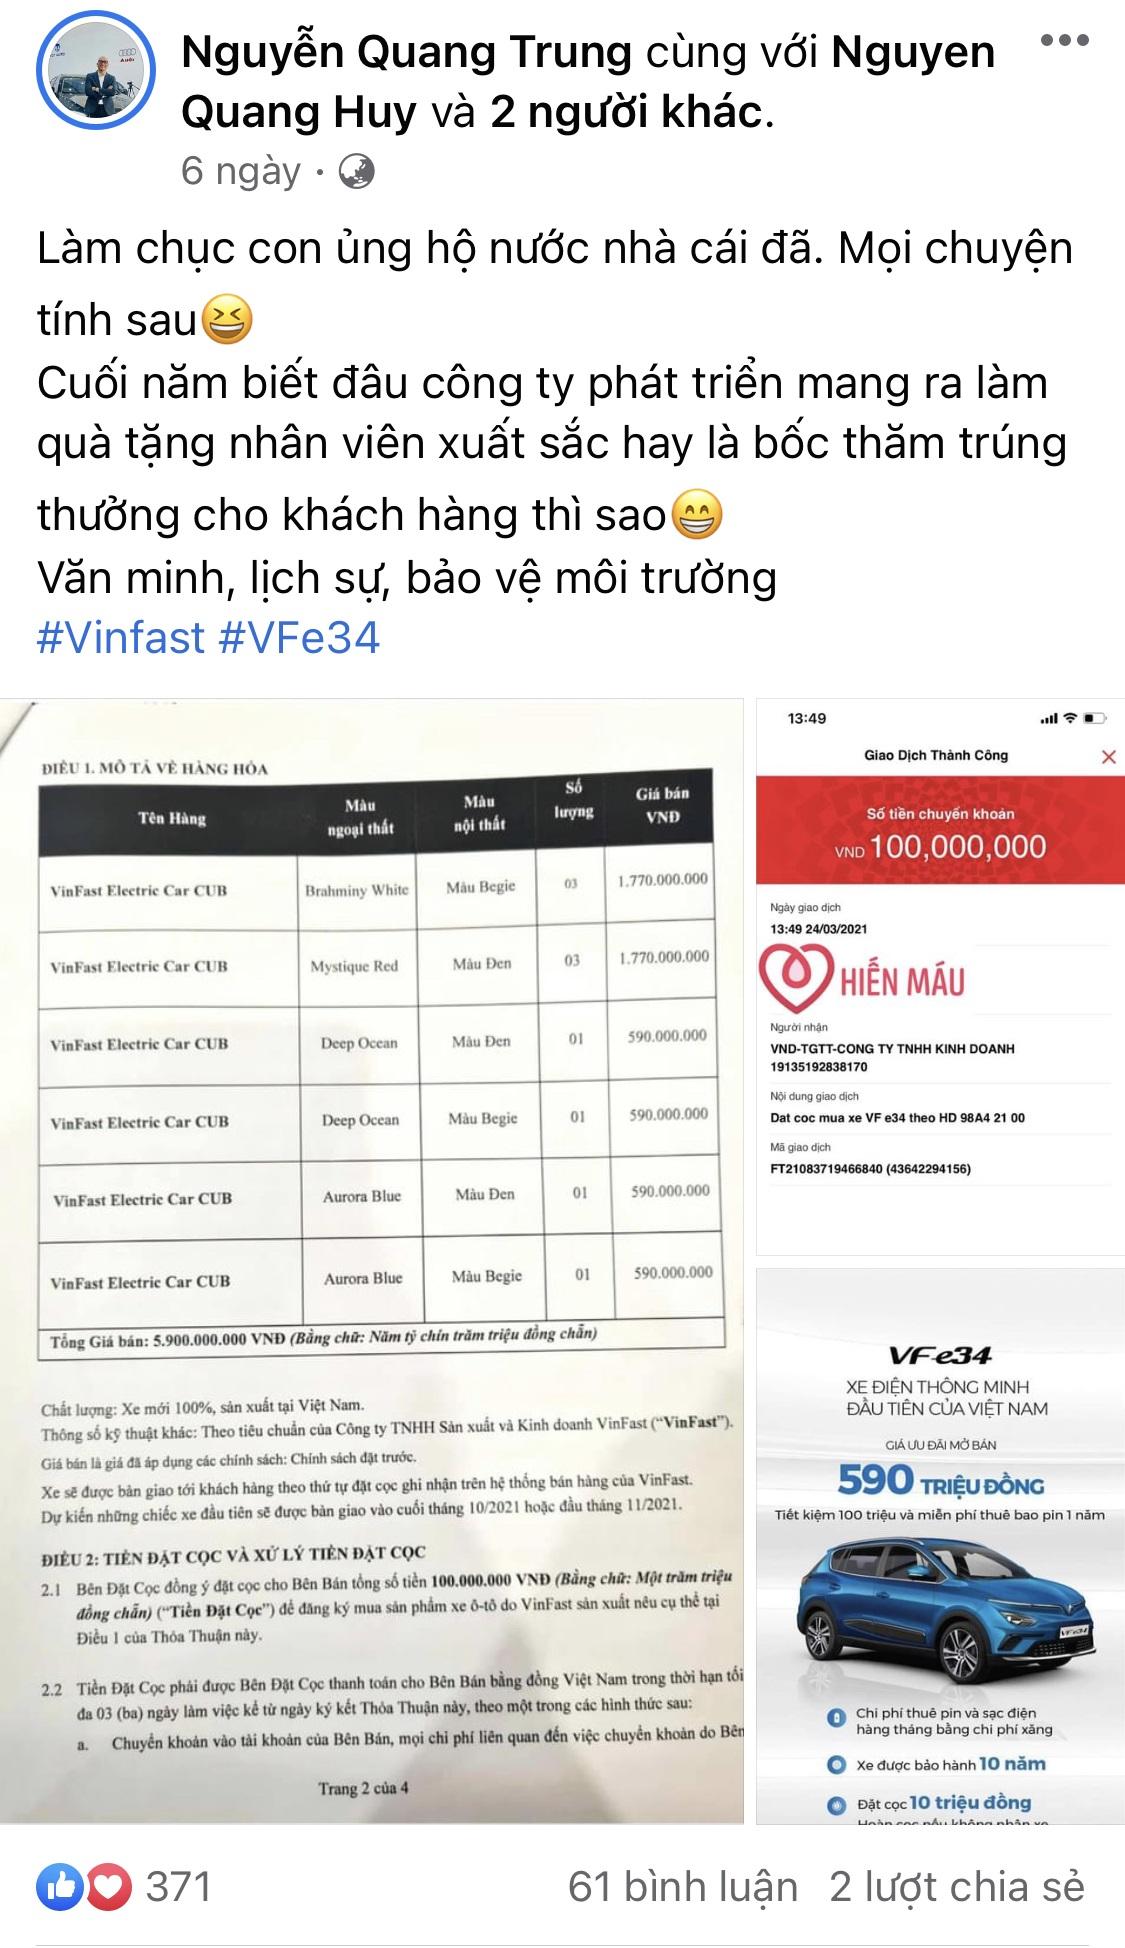 Ai là người đặt mua ô tô điện VinFast VF e34 nhiều nhất đến thời điểm này? - Ảnh 5.